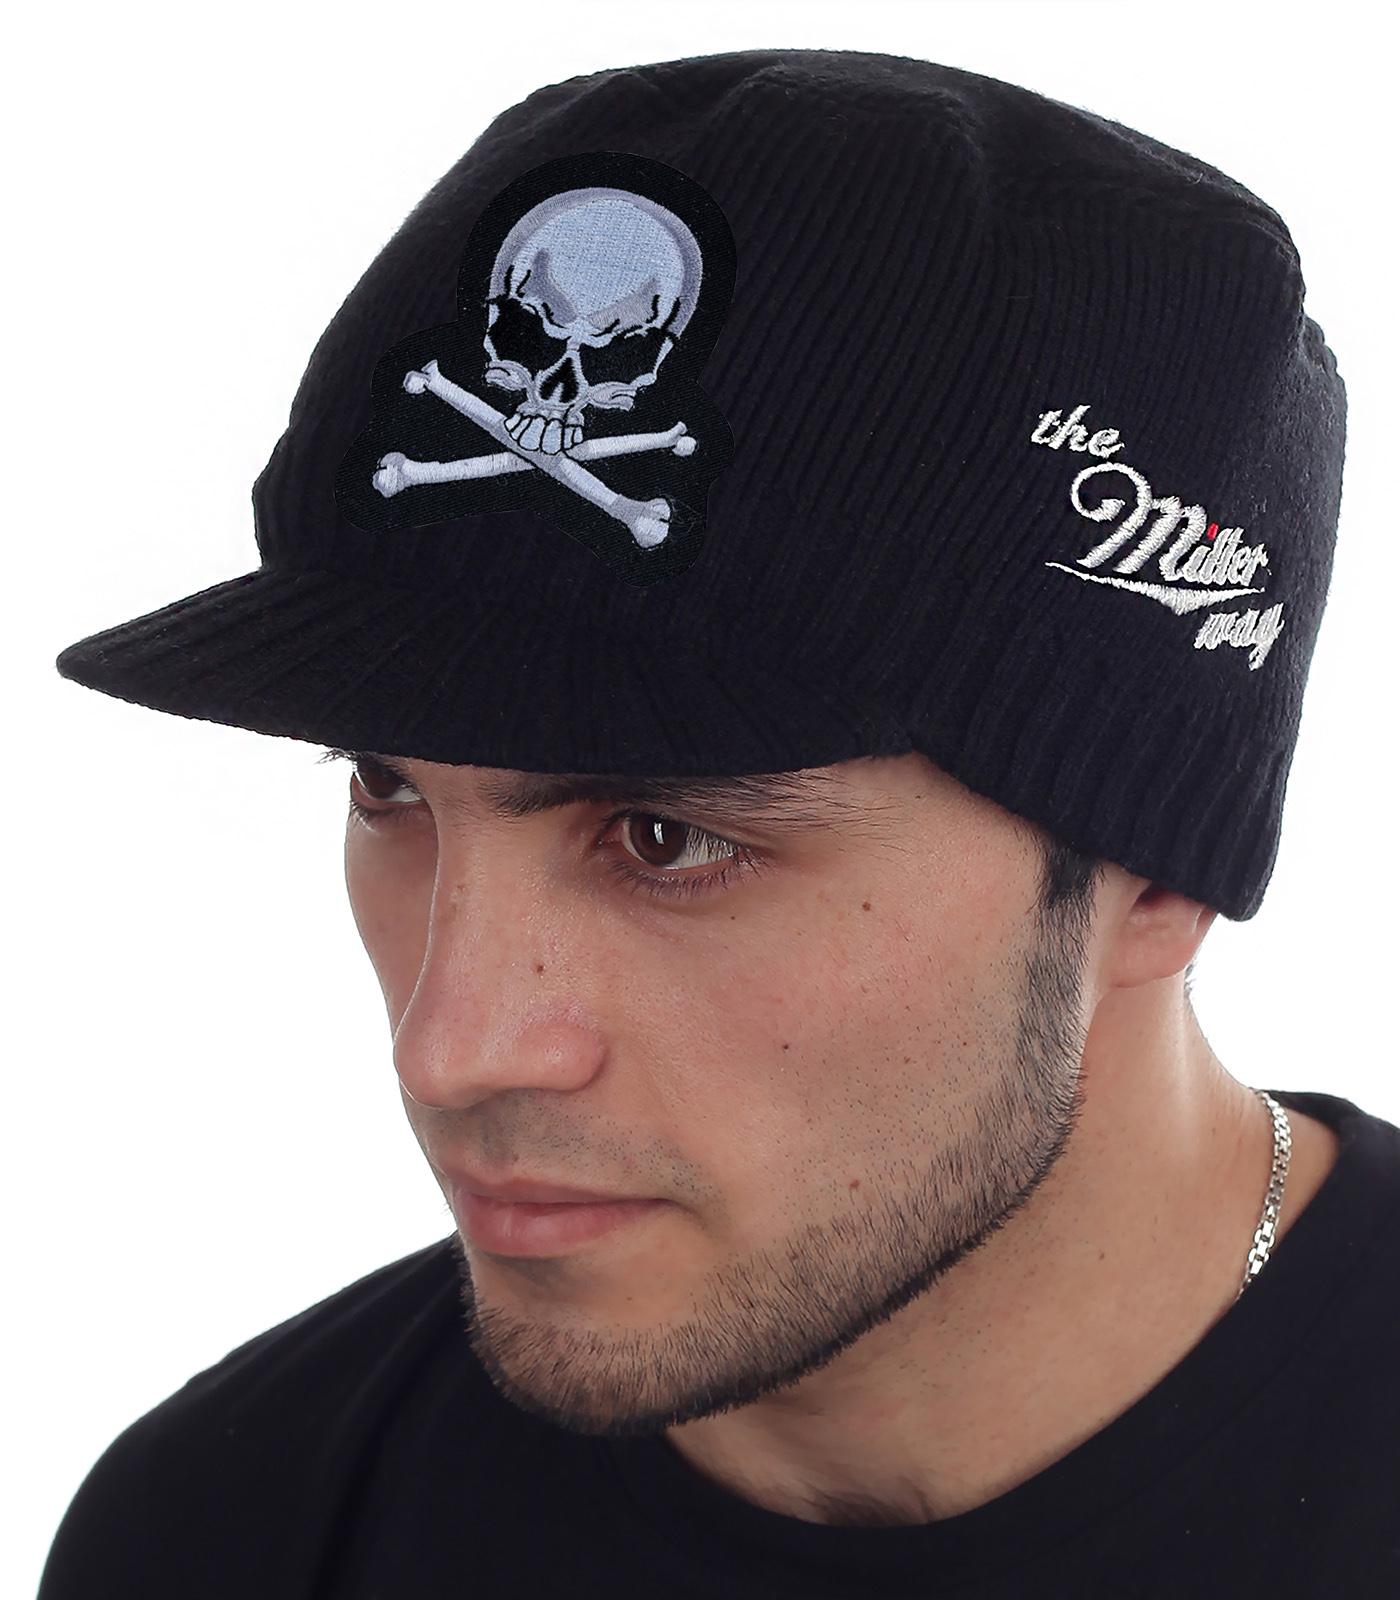 Мужская однотонная кепка Miller Way с авторской нашивкой Весёлый Роджер. Раскованная осенне-зимняя коллекция для сильной половины человечества. Приходи – забирай или отравим почтой